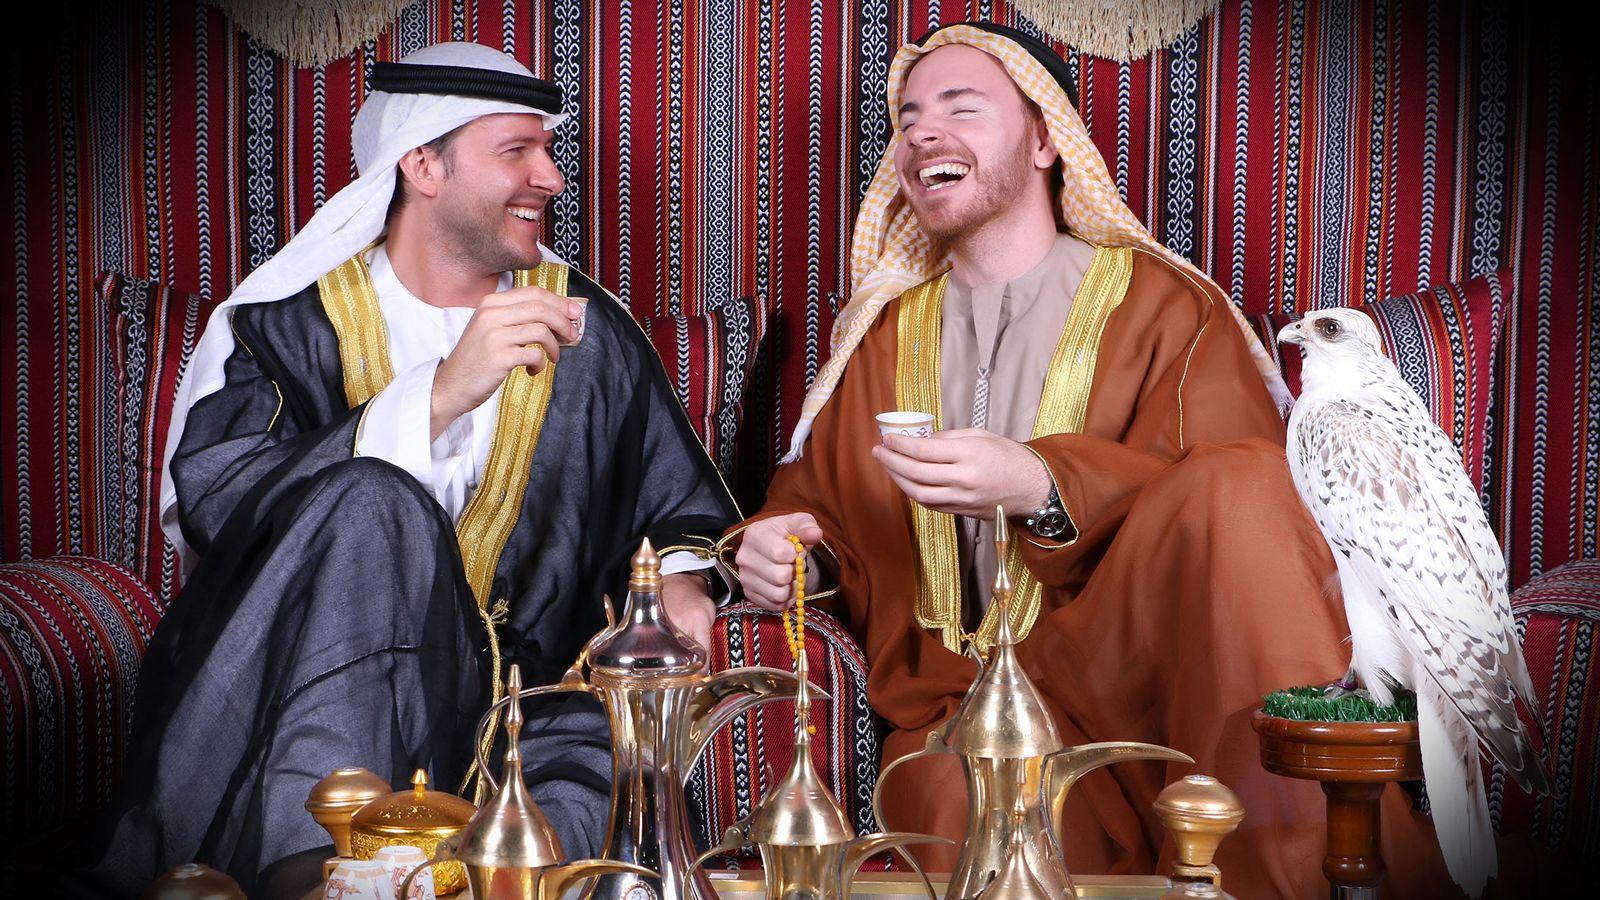 Arabian Costume Photoshoot